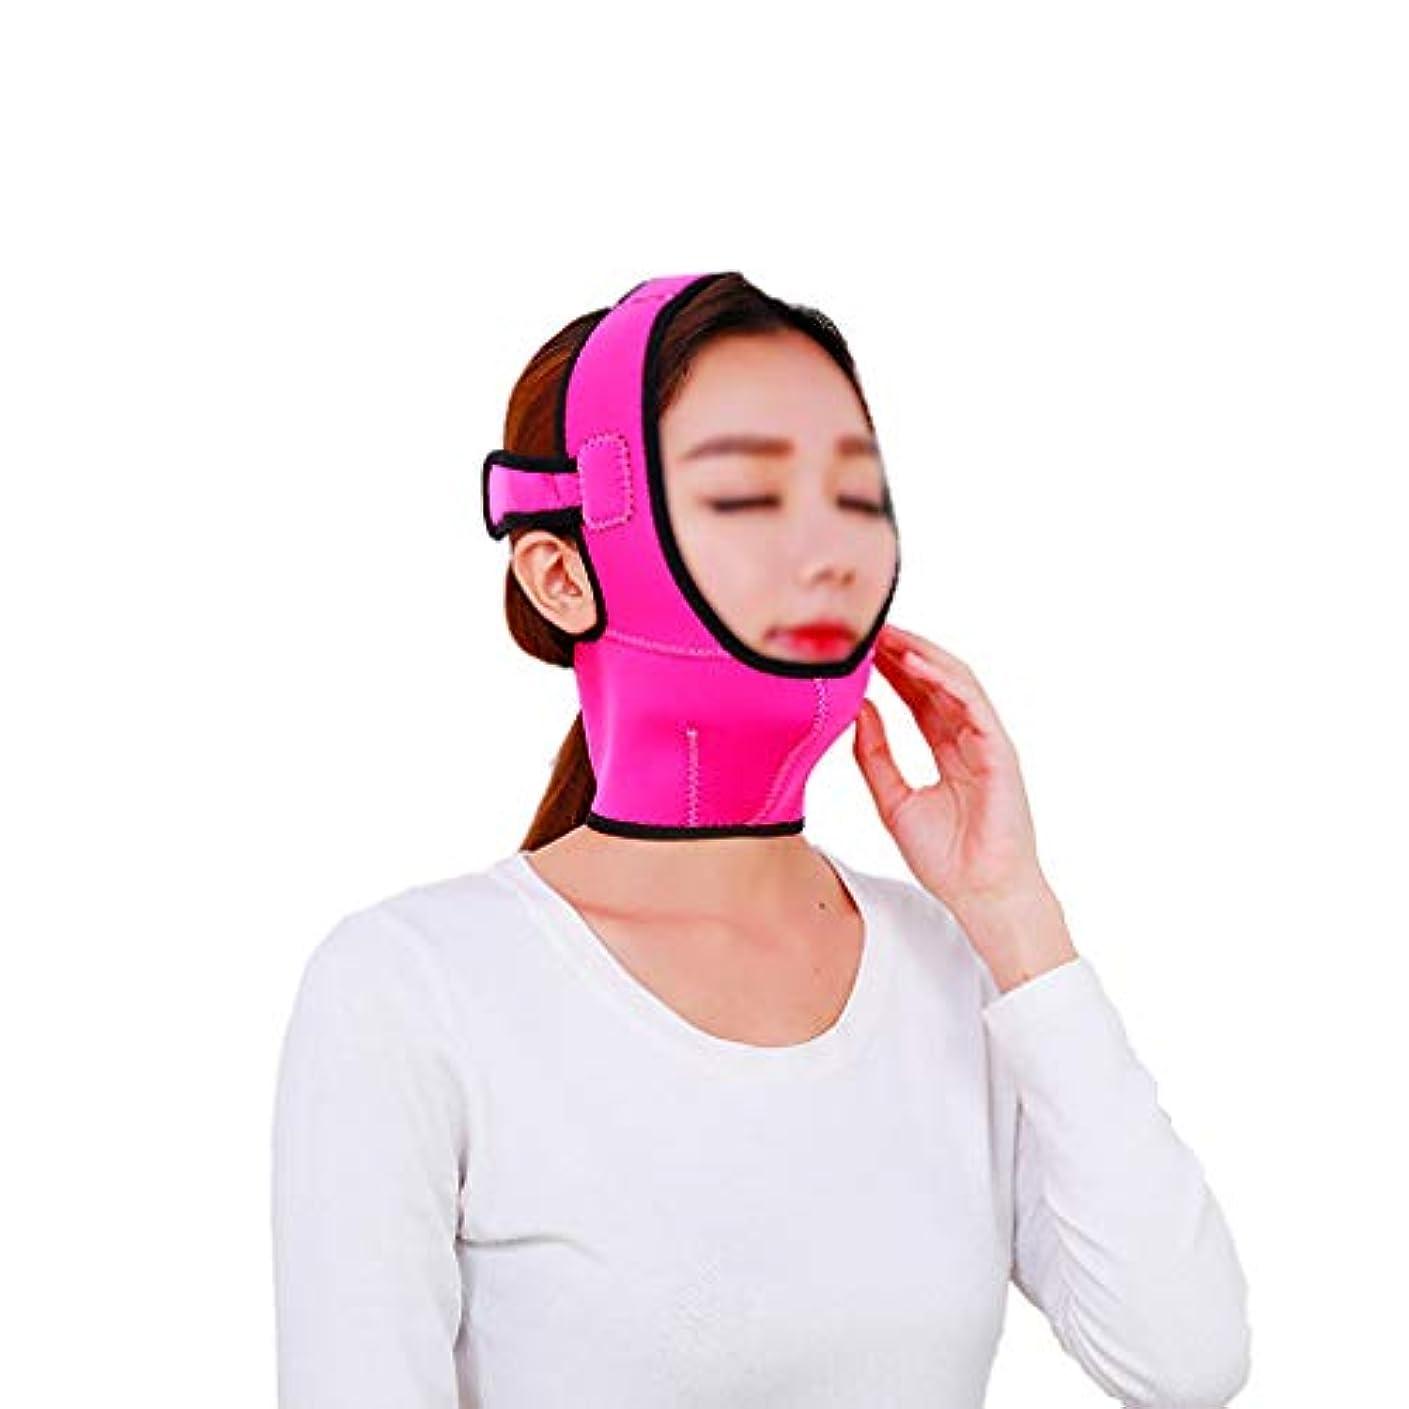 ティーンエイジャー眼経験者GLJJQMY 顔と首のリフトの男性と女性のフェイスリフトのアーティファクトは、マスクのリラックスしたあごの肌を引き締め首の肌を強化収縮リフトピンクの包帯を強化 顔用整形マスク